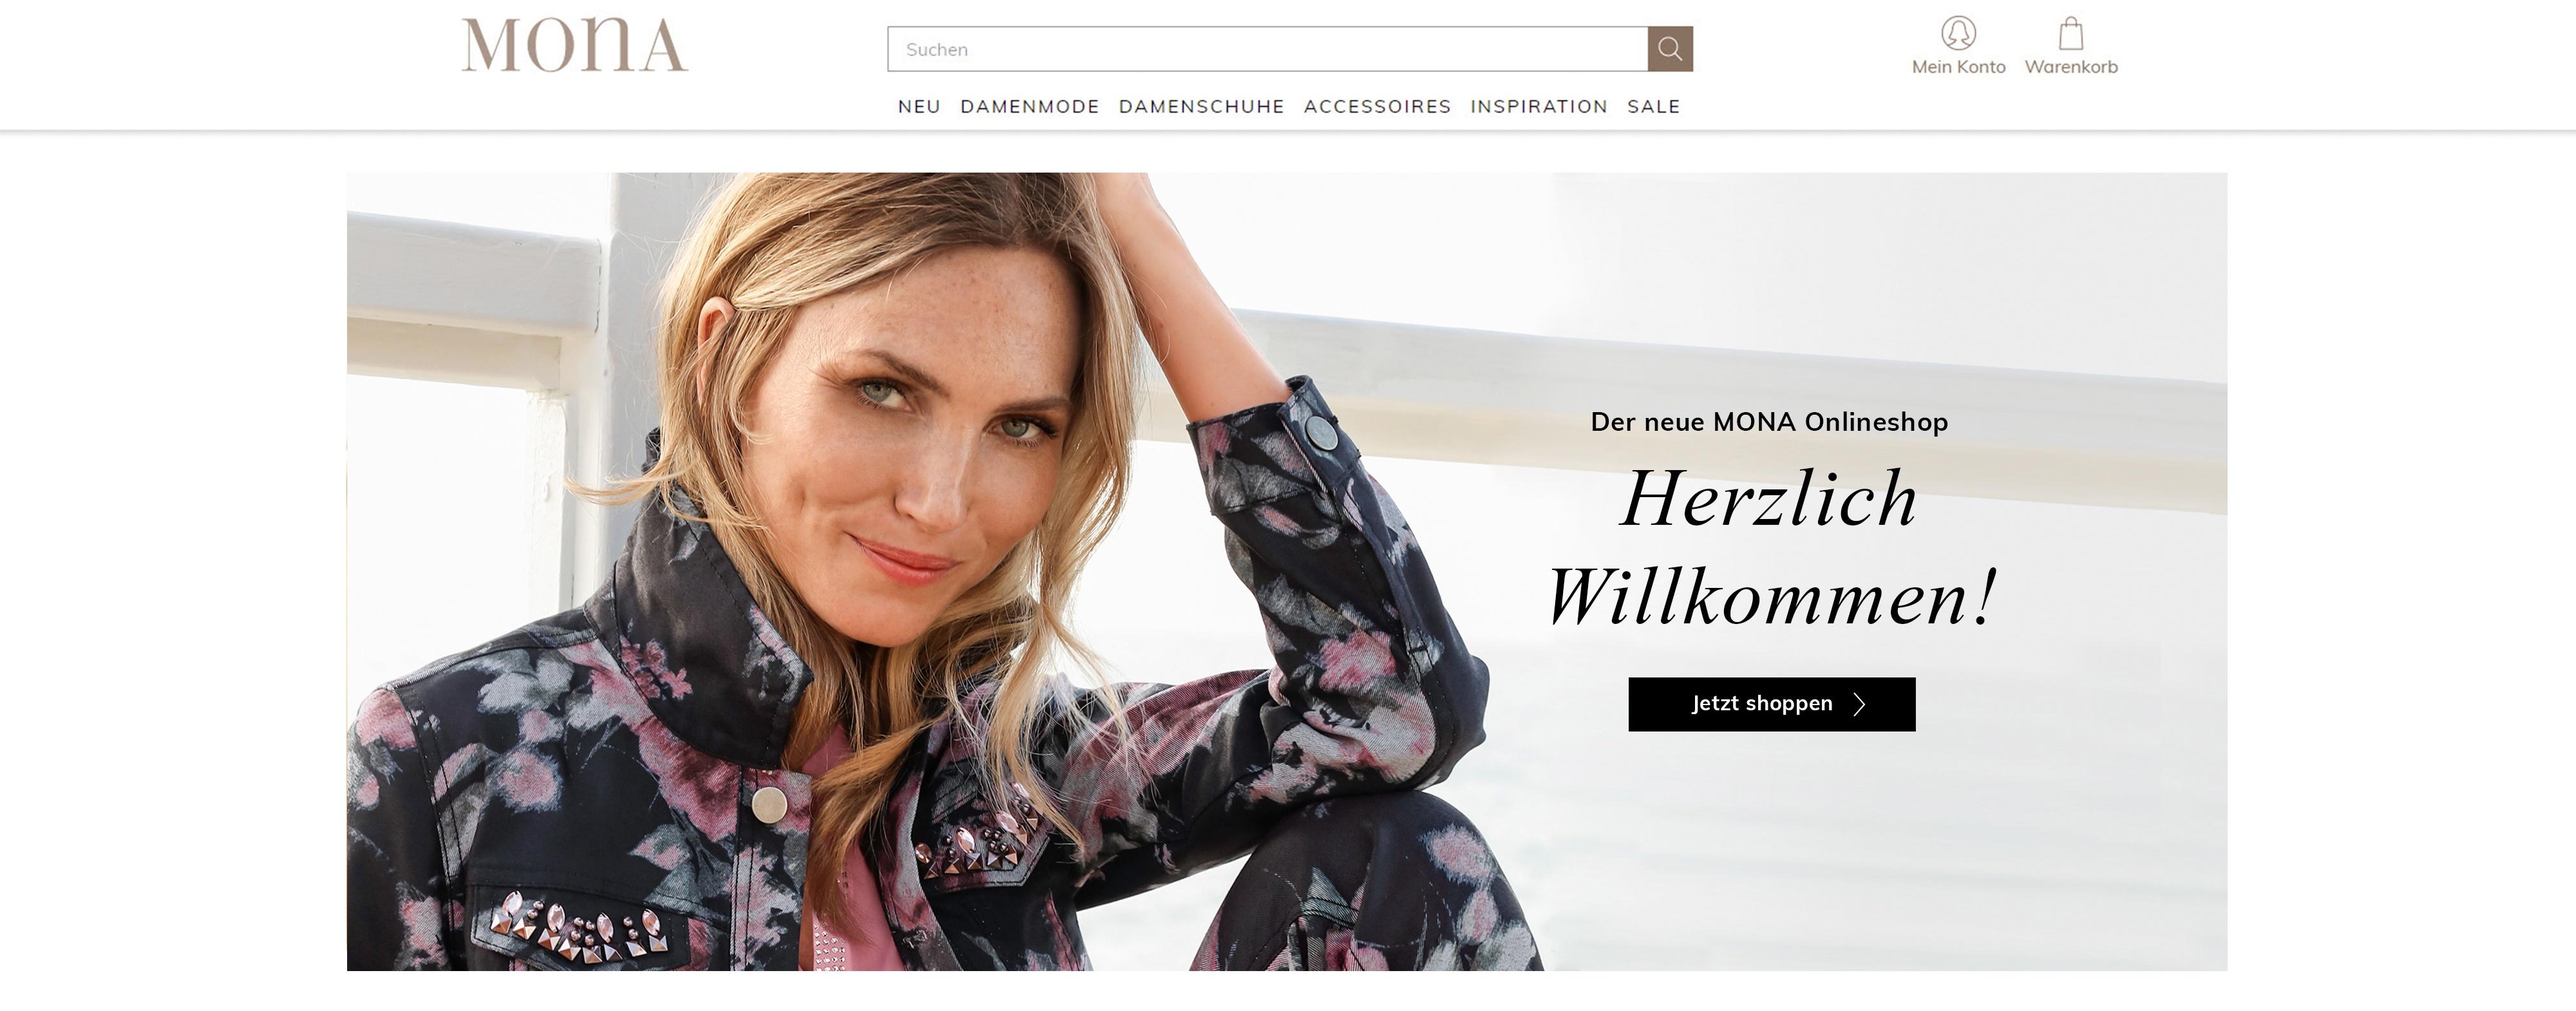 Umfassender Relaunch für mona.de